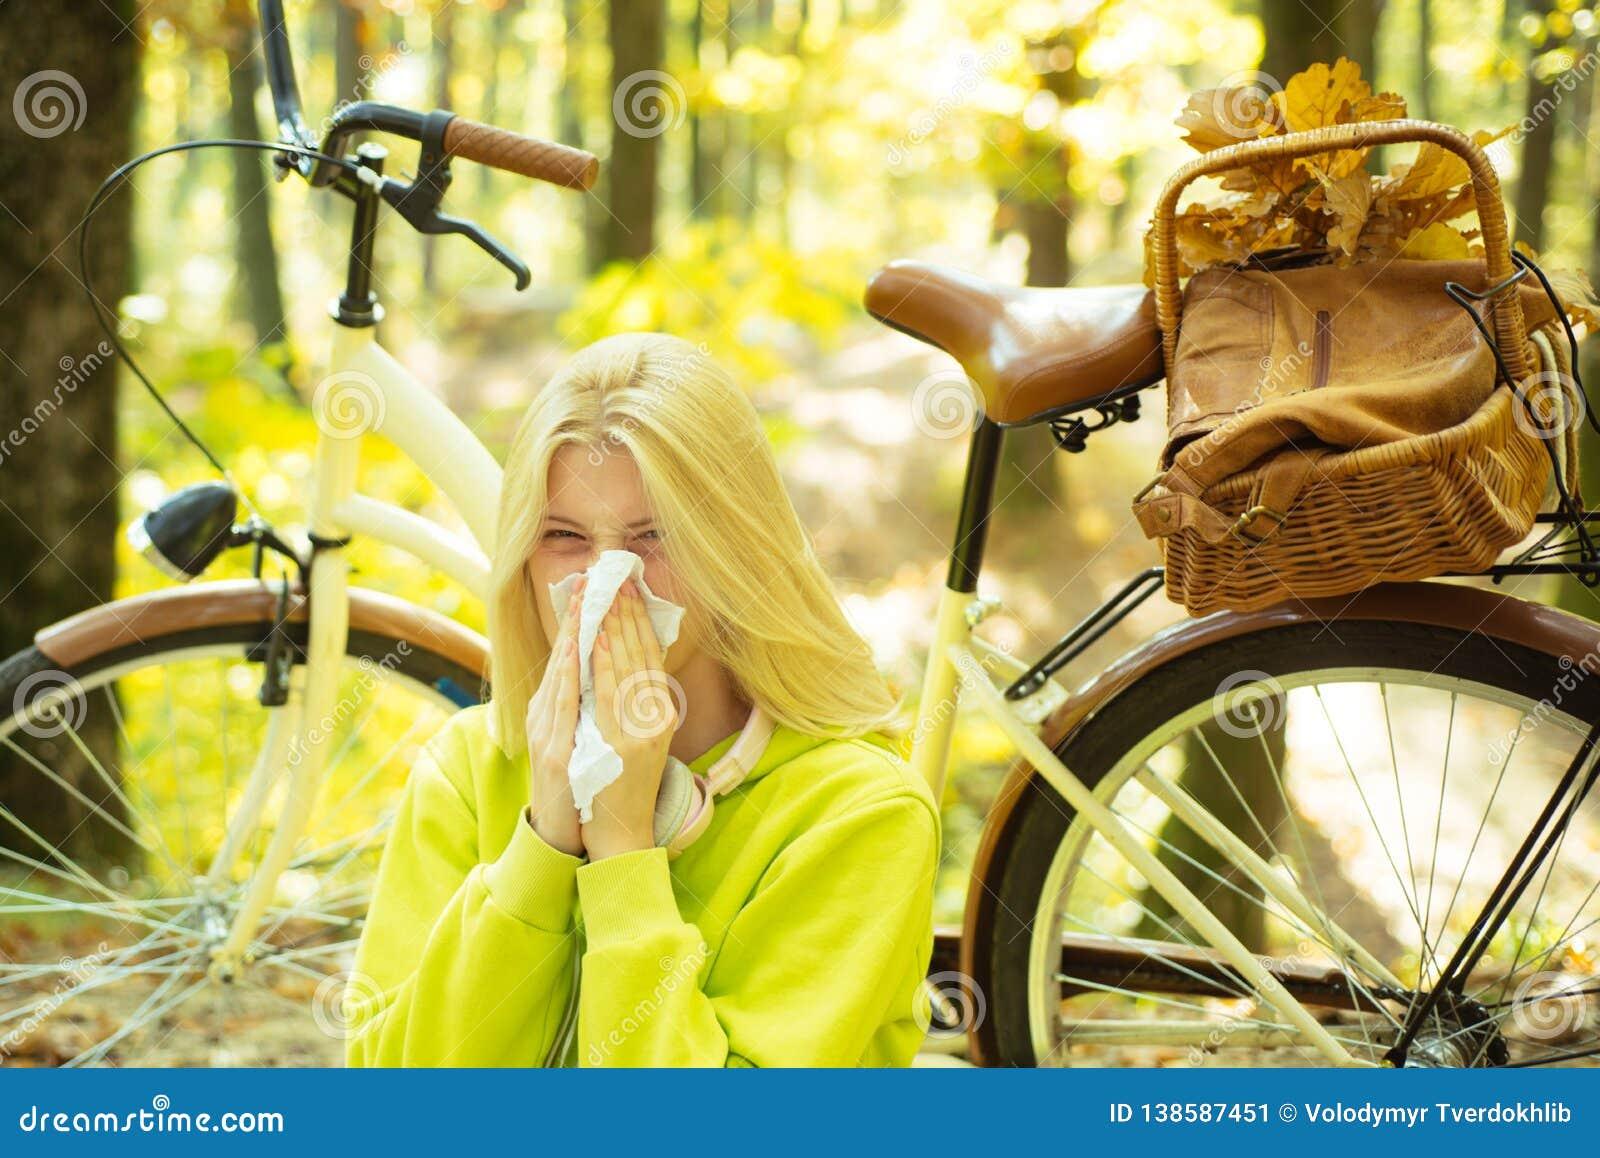 Zeigen der kranken Frau, die am Park niest Krankes Mädchen mit Kälte- und Grippestellung draußen